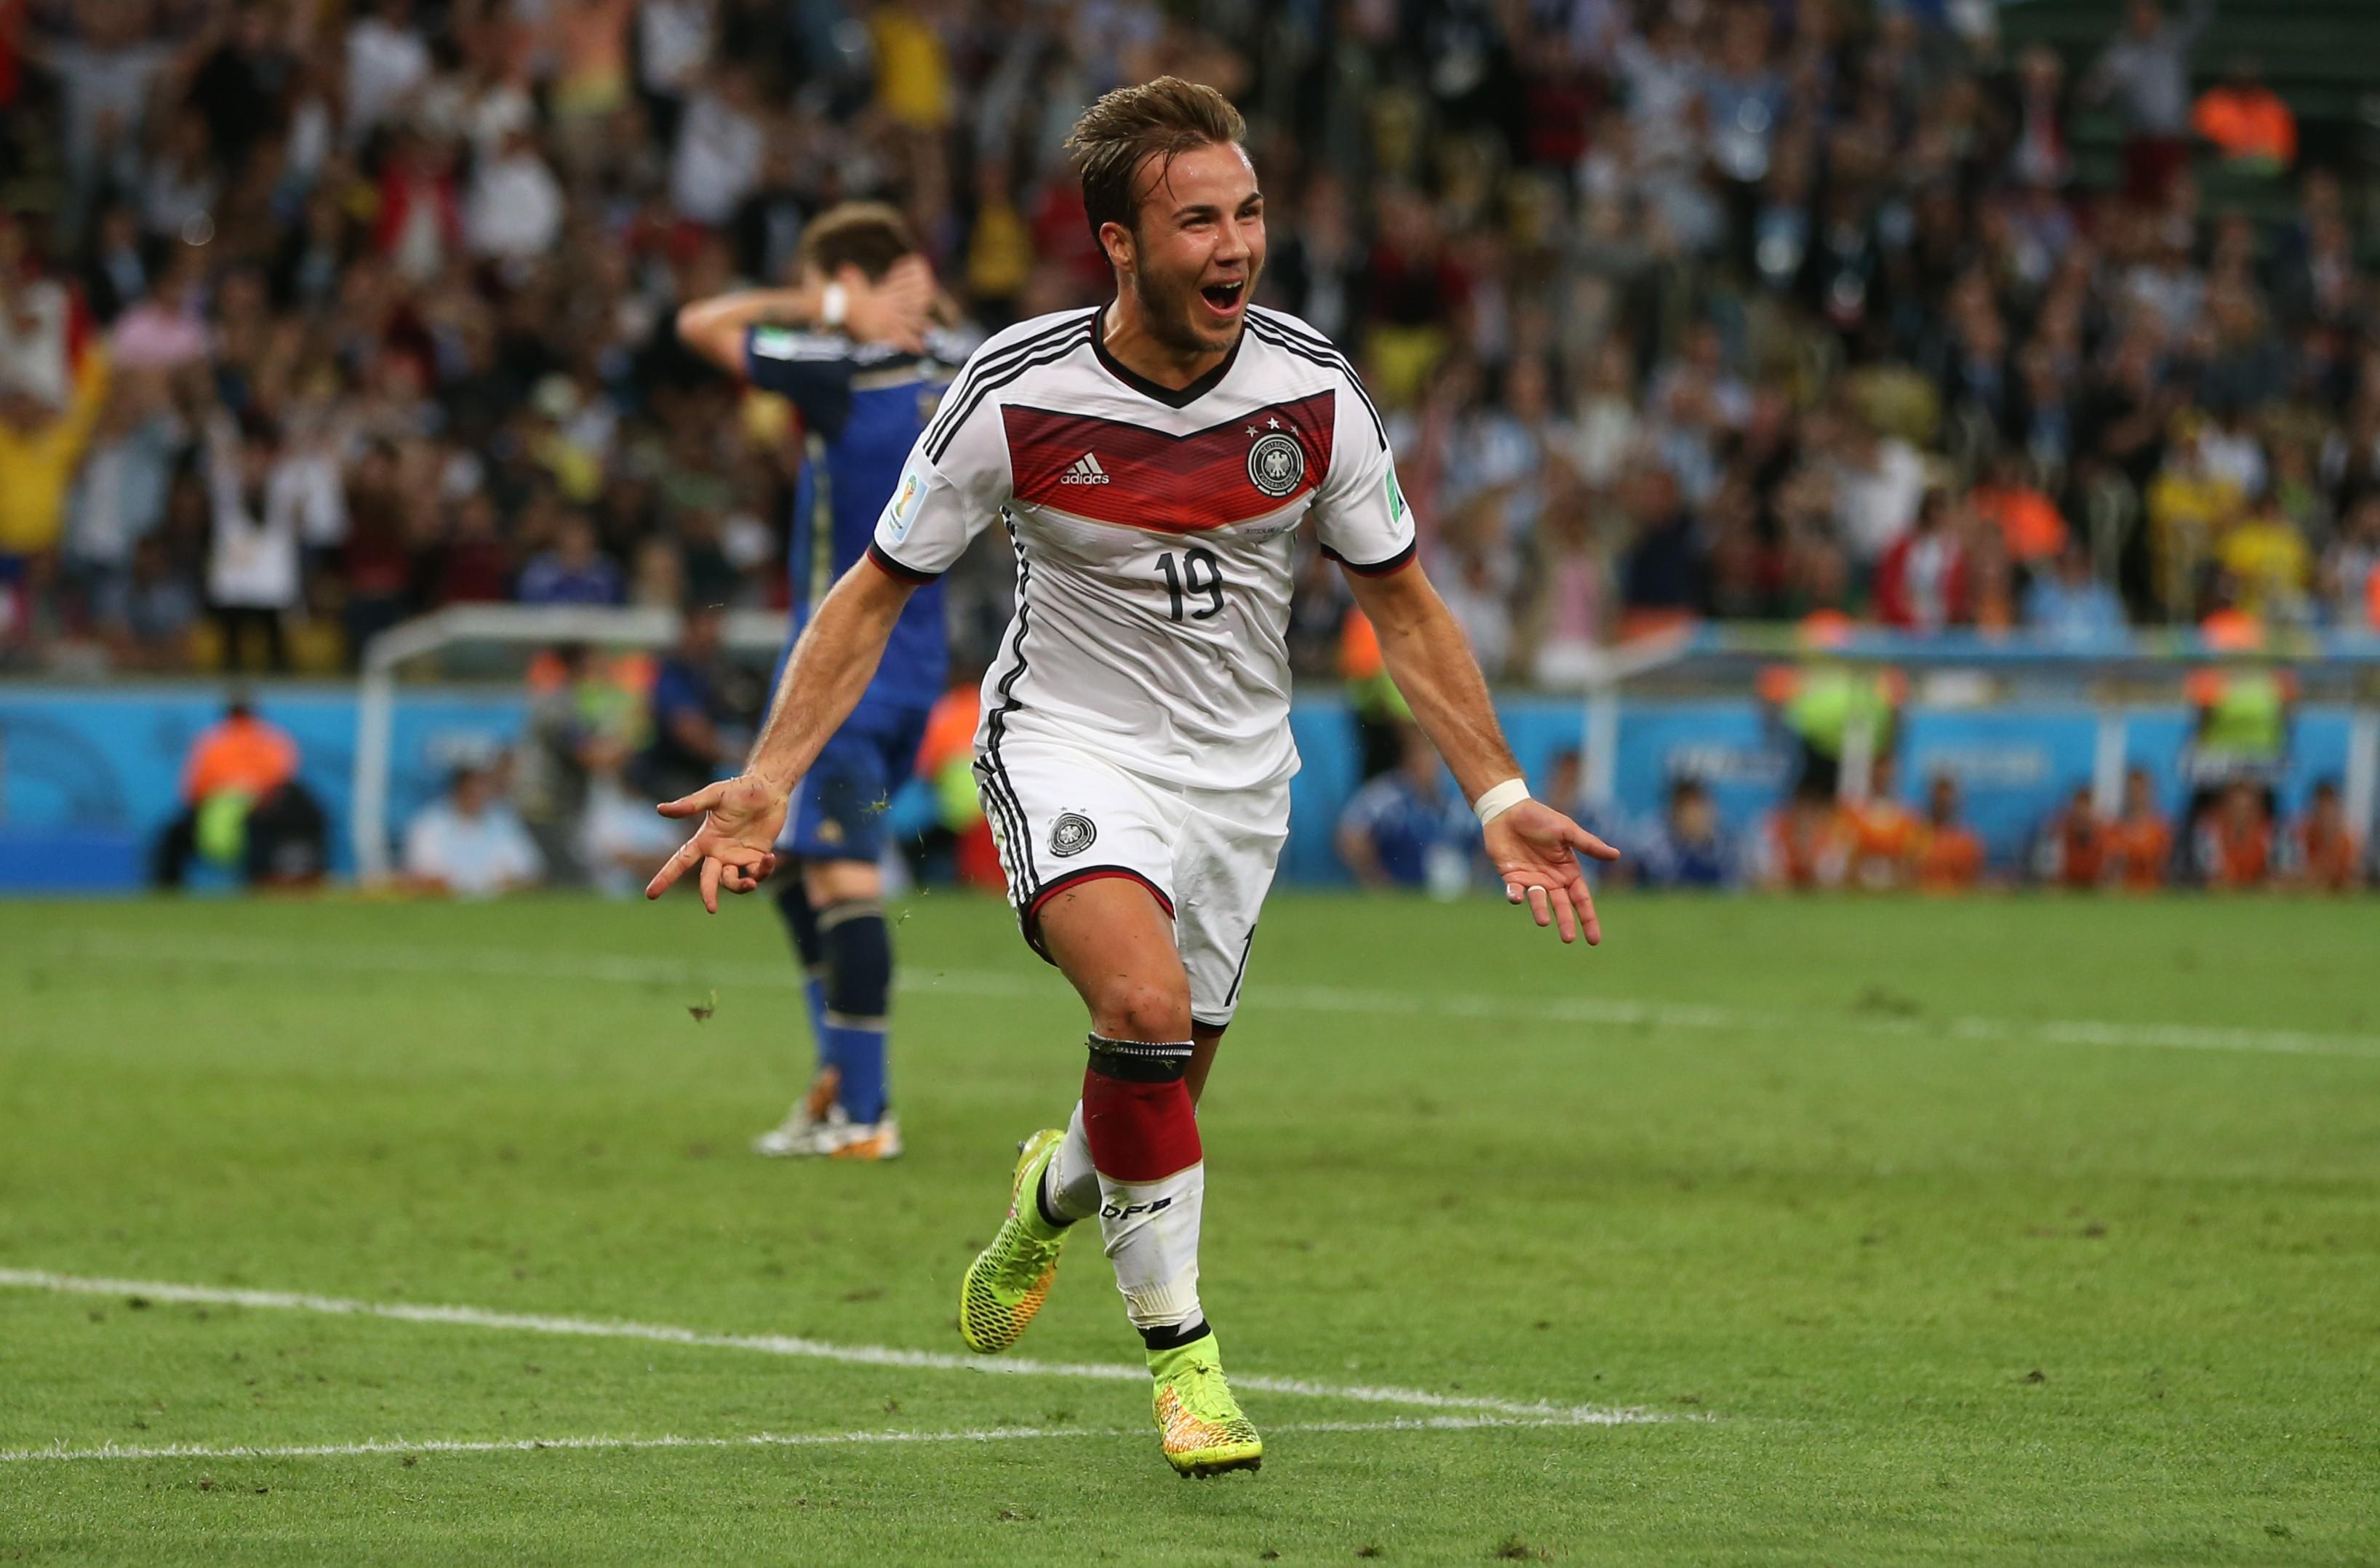 Hintergrundbilder Sport Deutschland Fussball Stadion